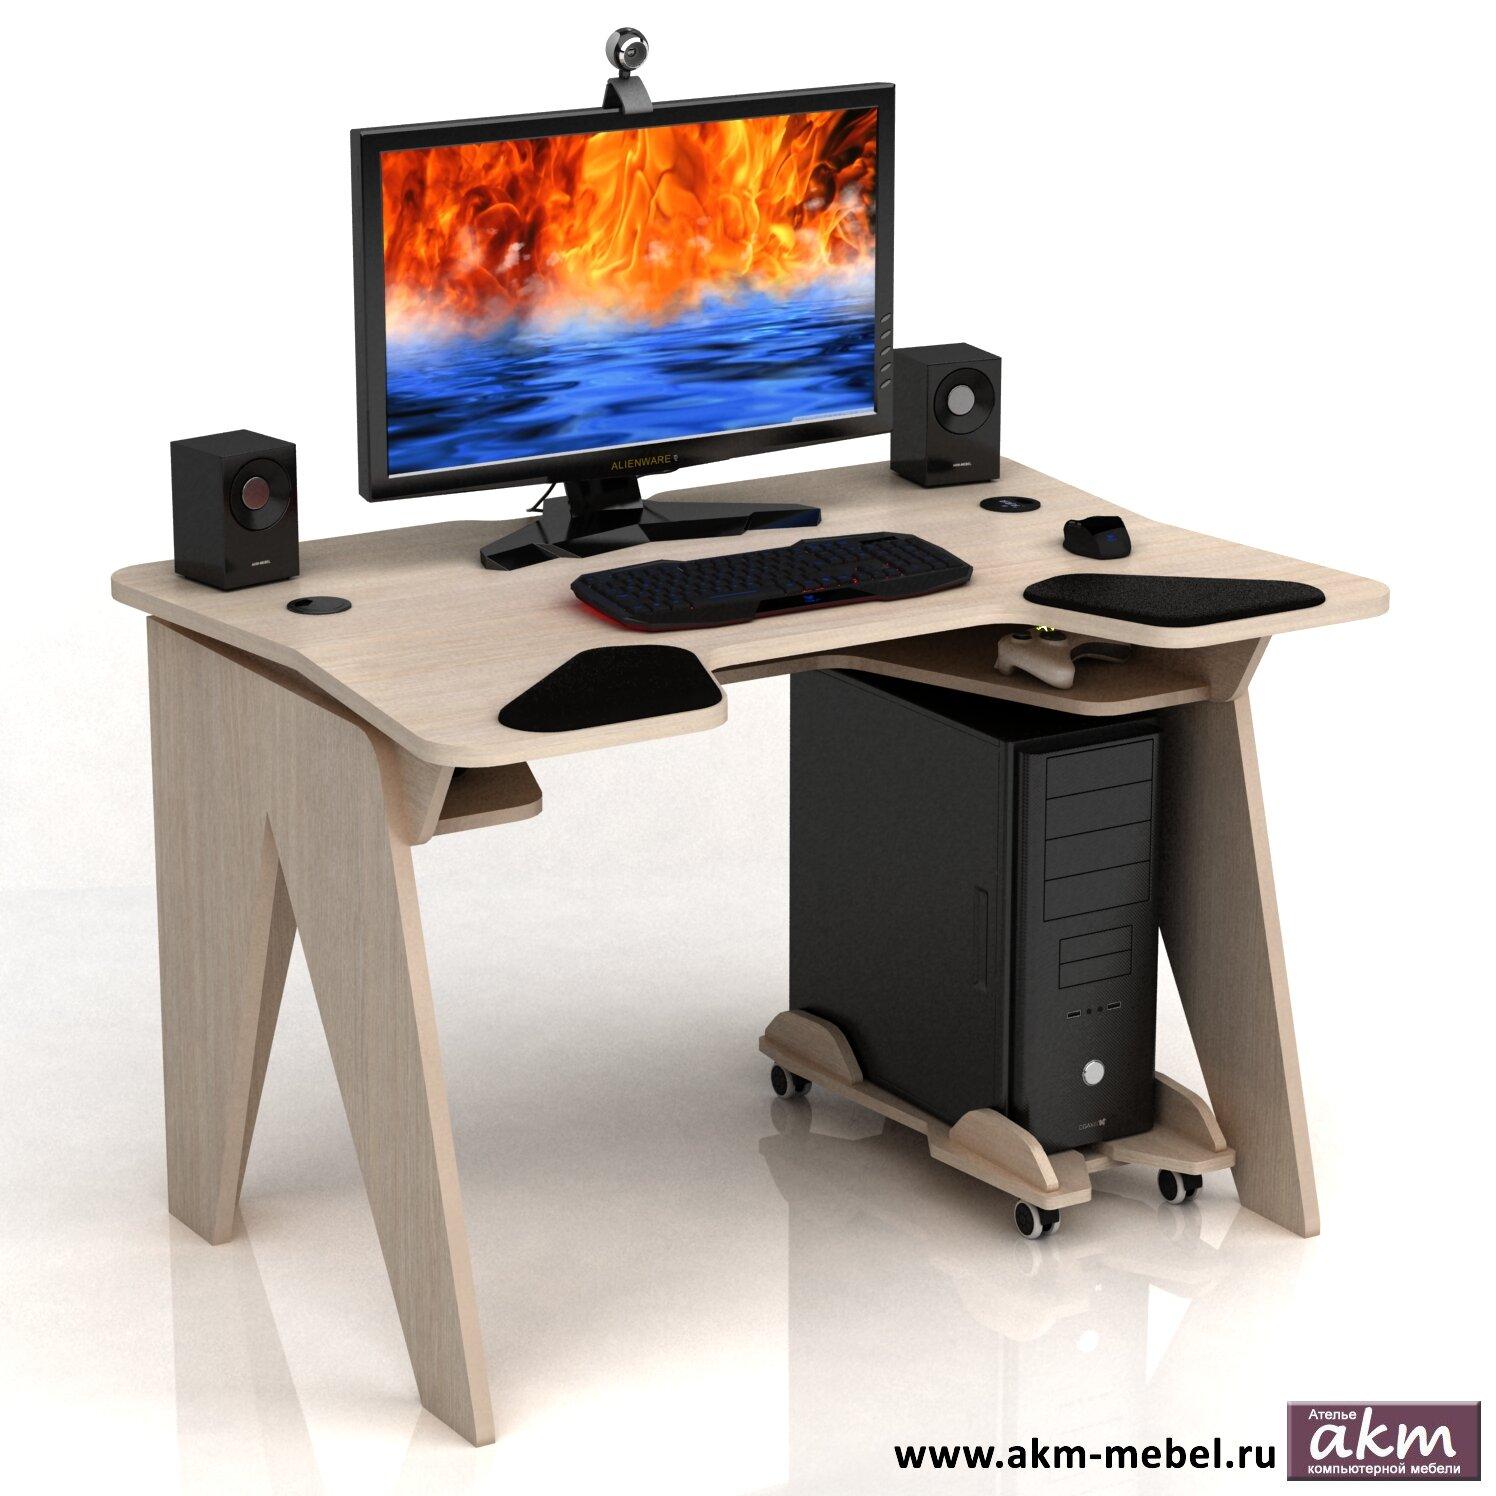 Игровой стол AKM-MEBEL RAPTOR Comfort Soft фото 1